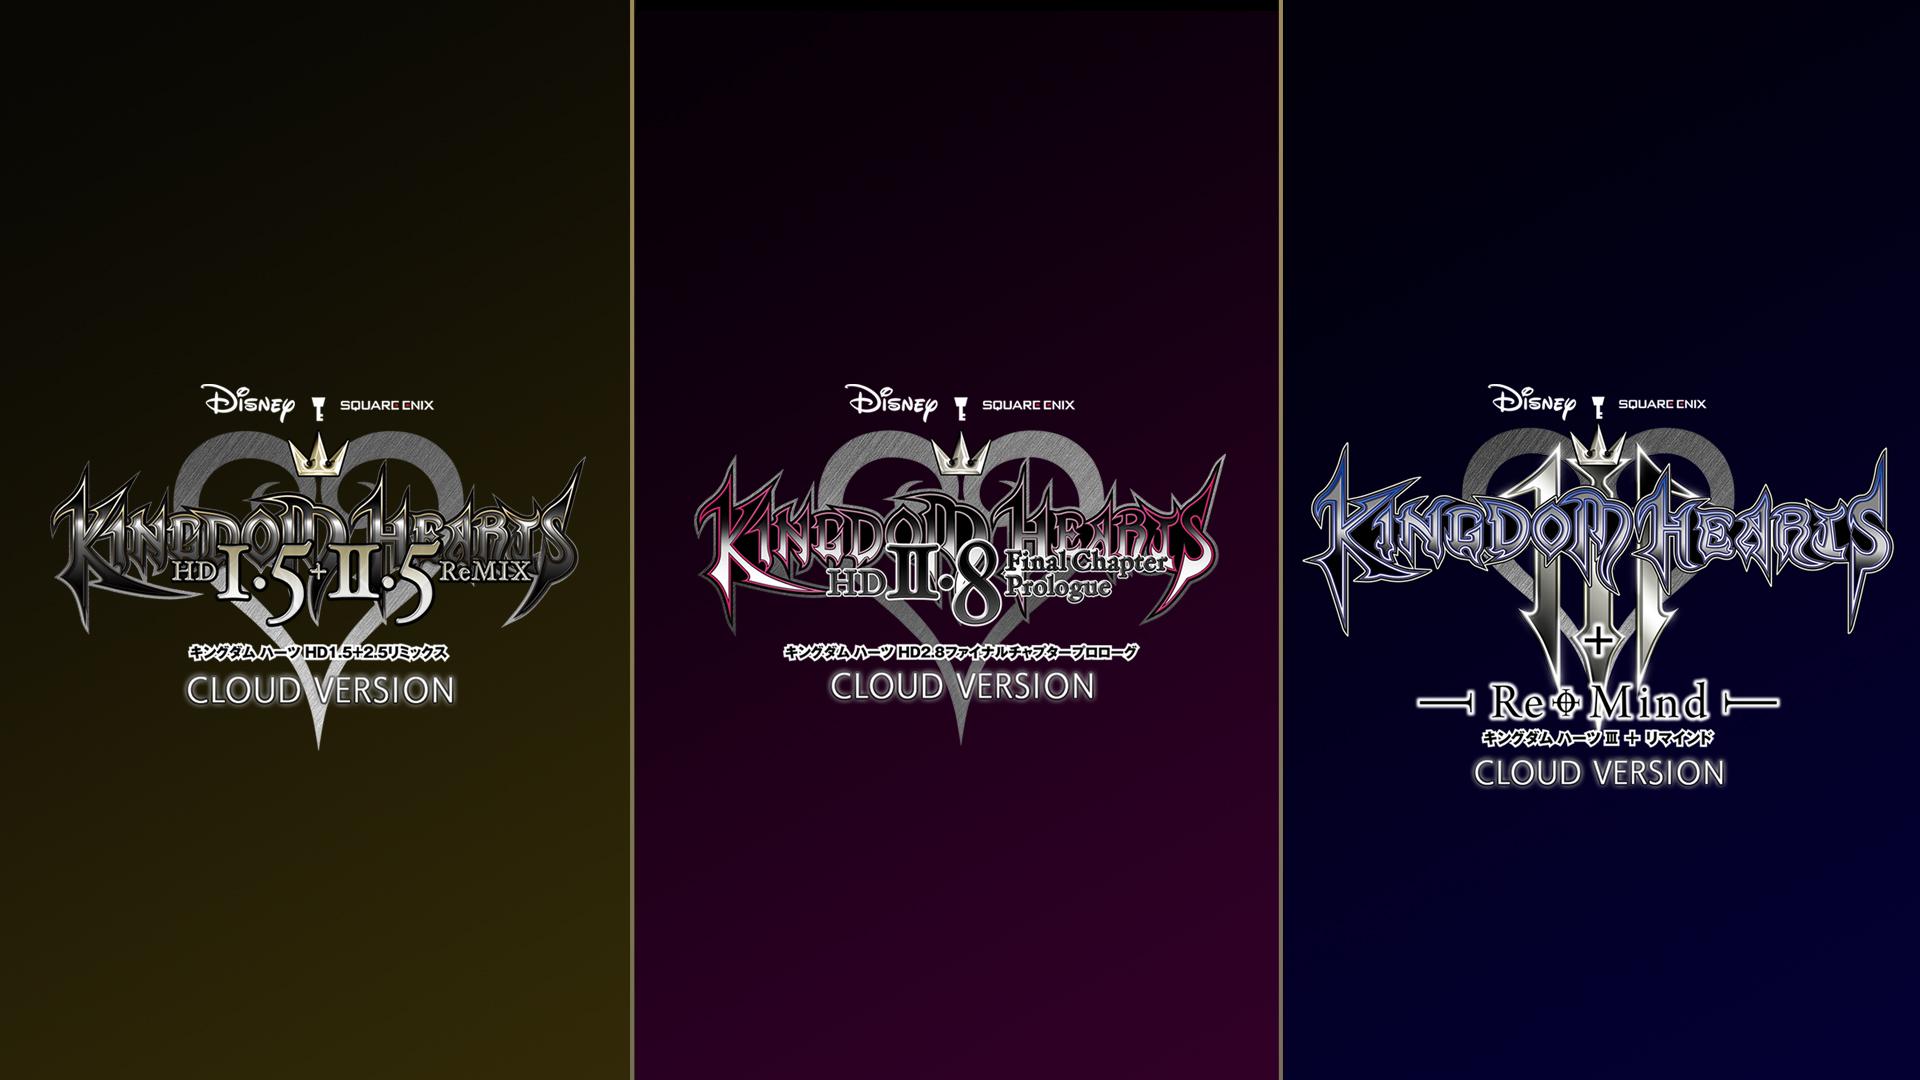 『キングダムハーツ』シリーズ3作品がSwitchで発売決定